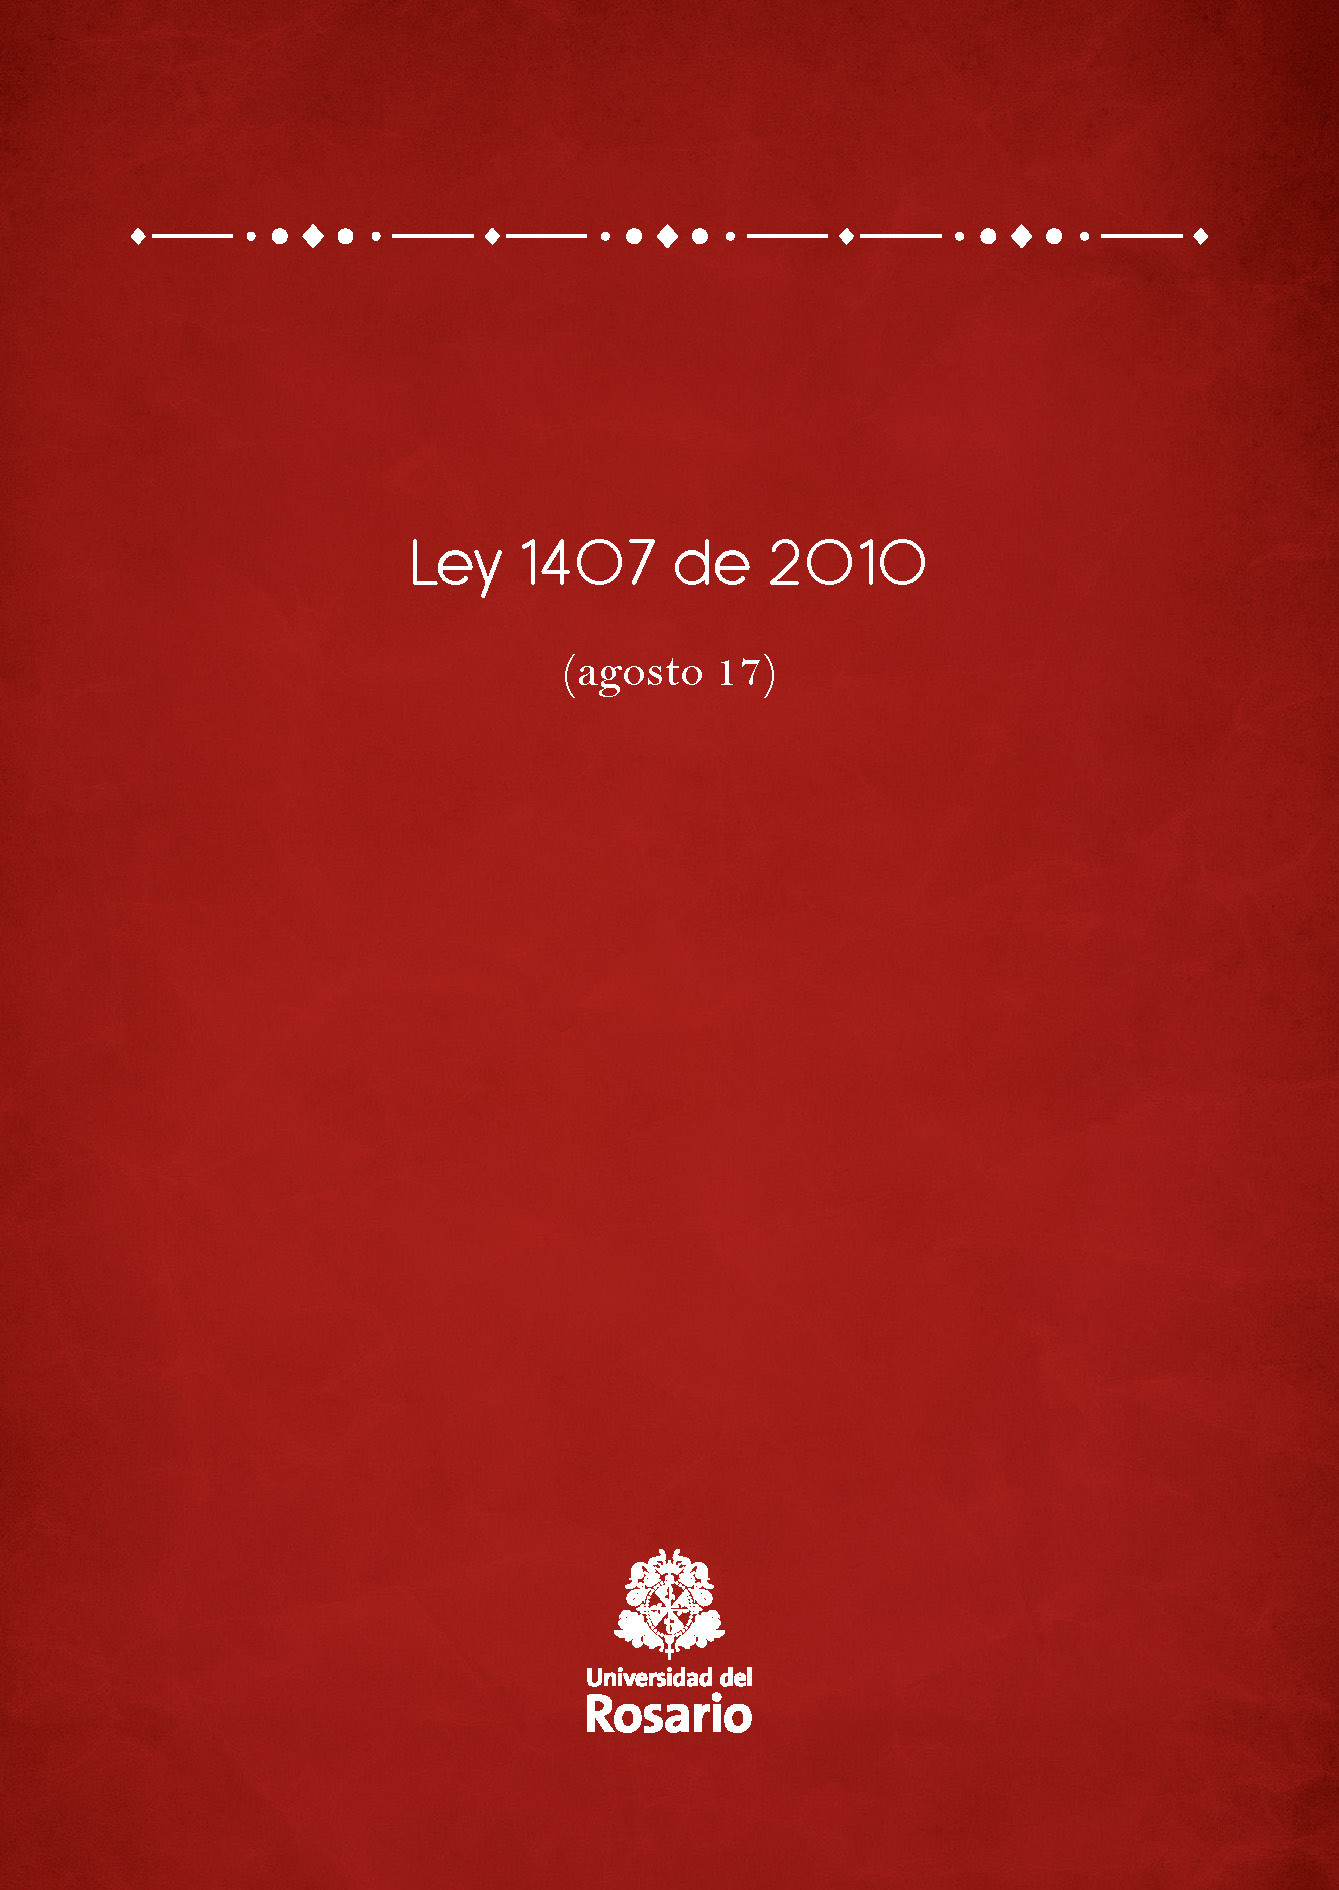 Ley 1407 de 2010 (agosto 17)